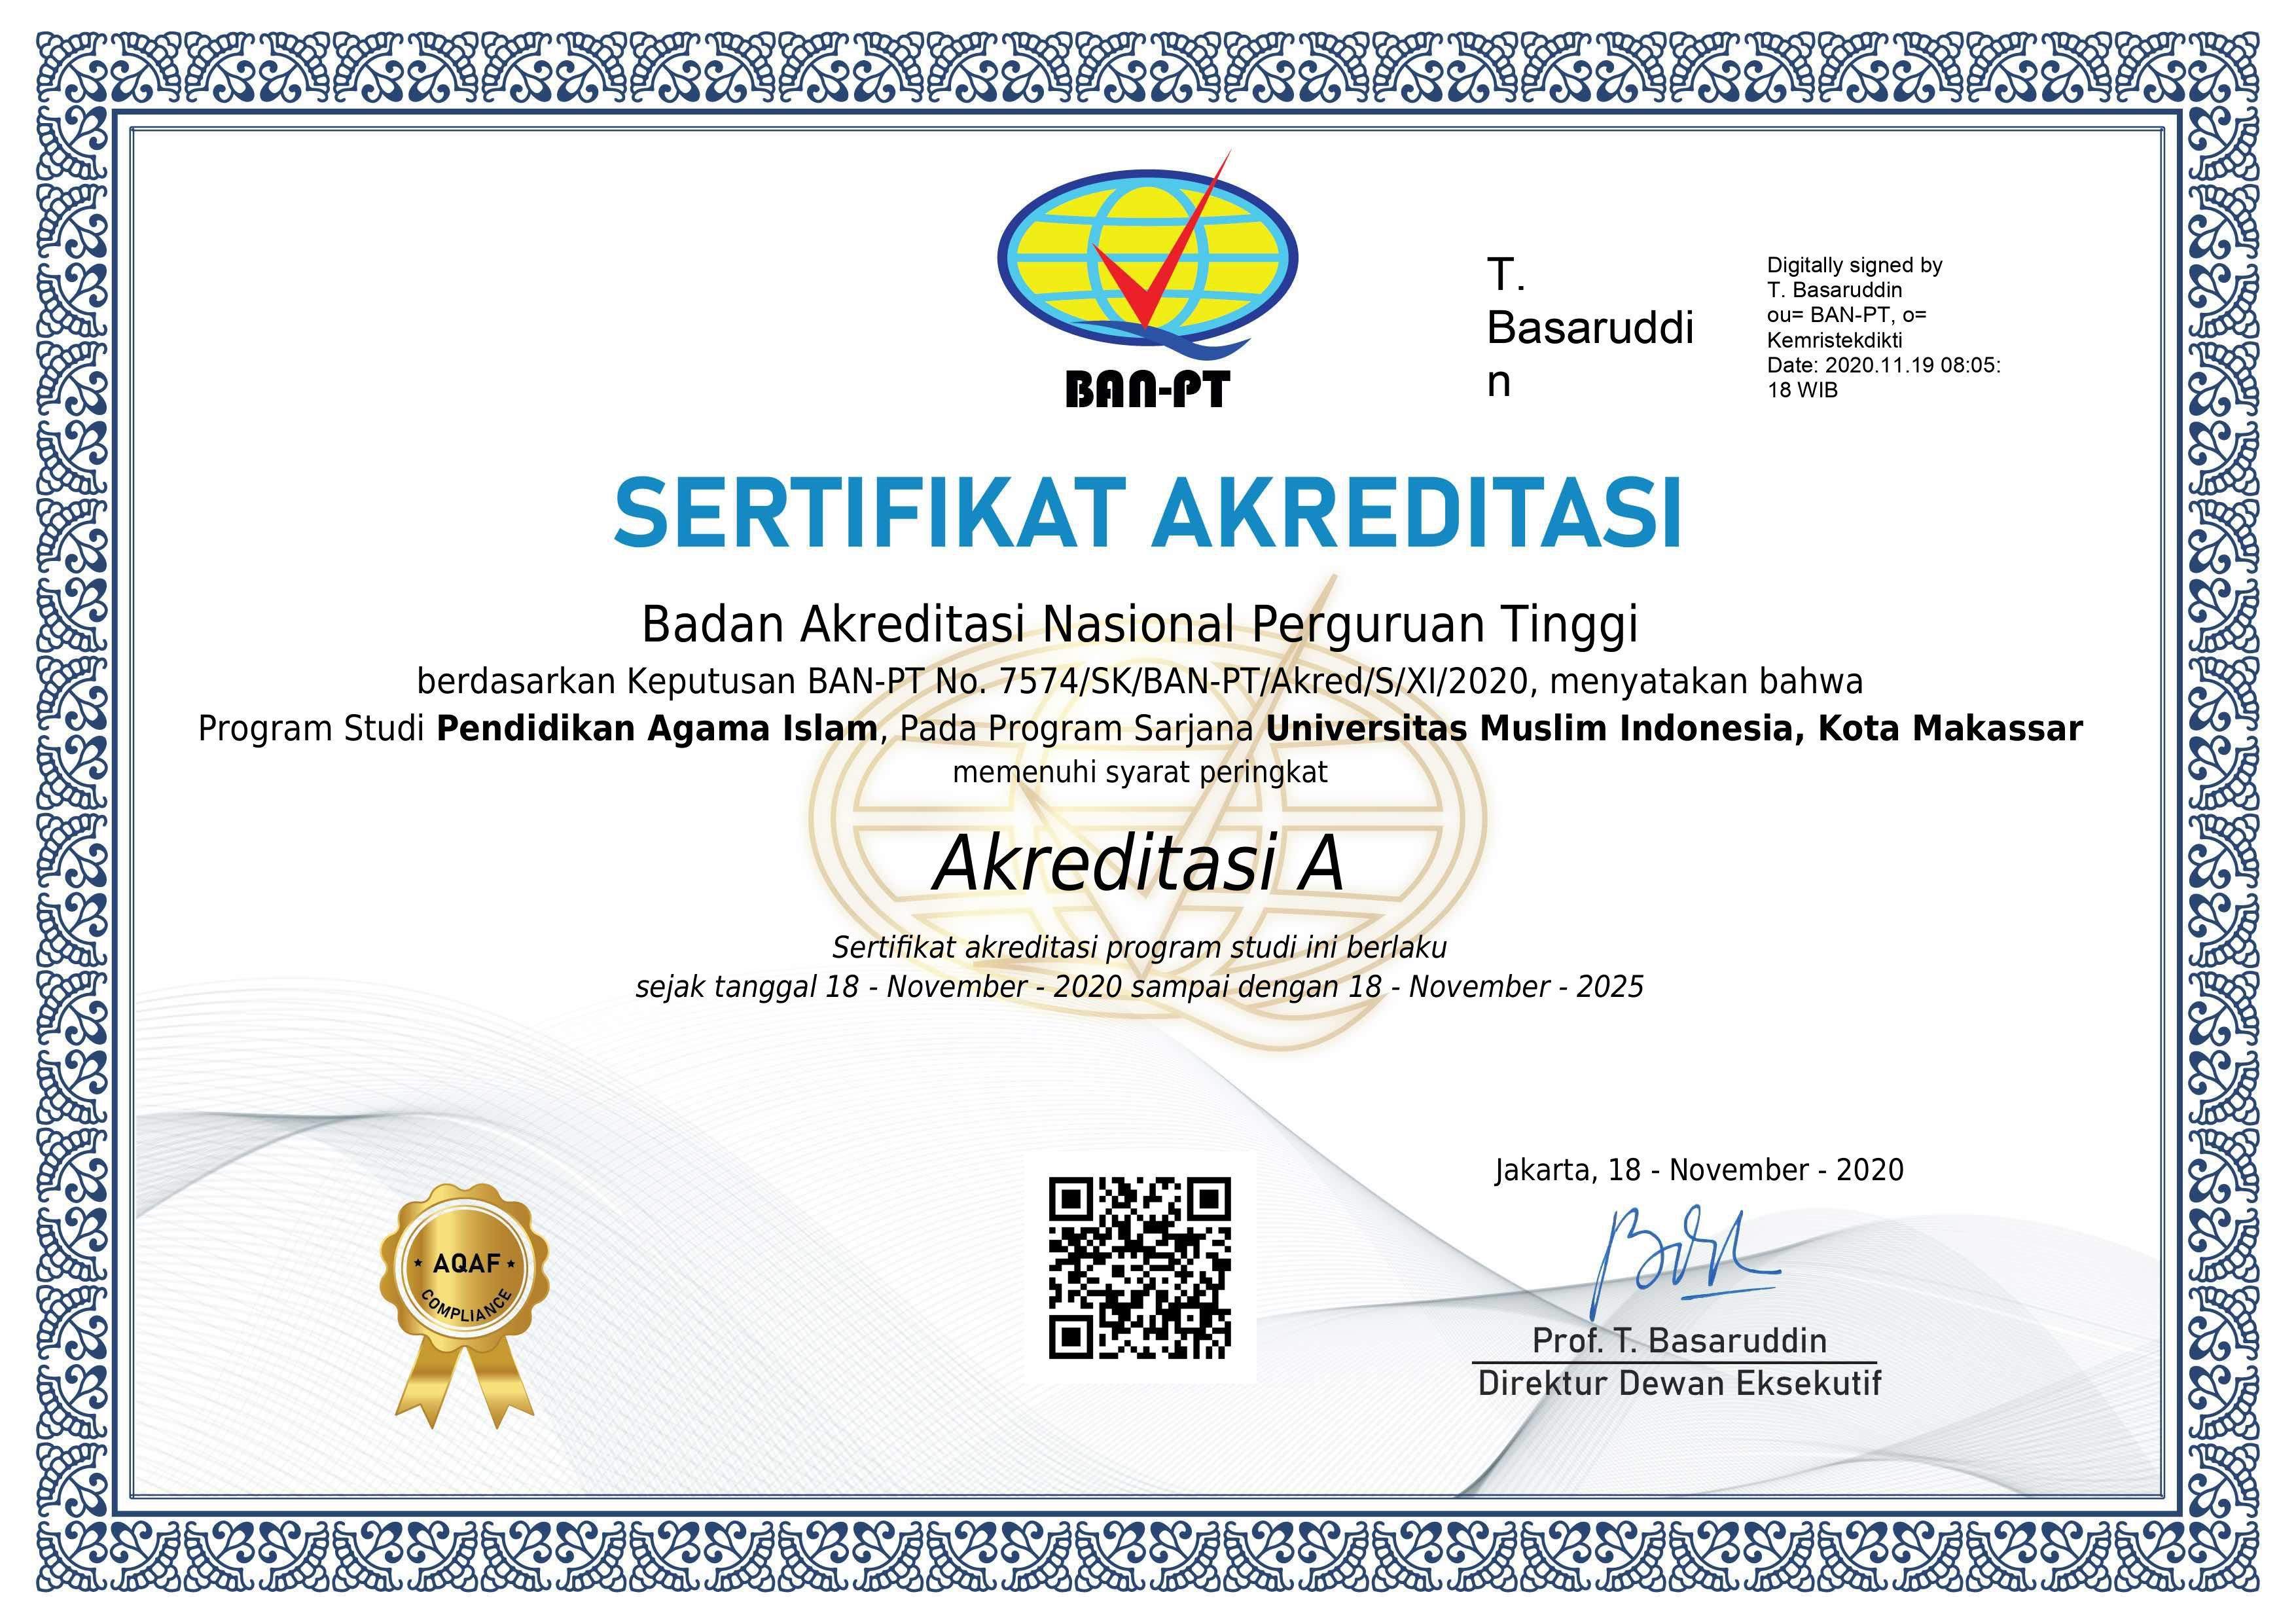 Sertifikat Akreditasi S1 Pendidikan Agama Islam UMI 2020